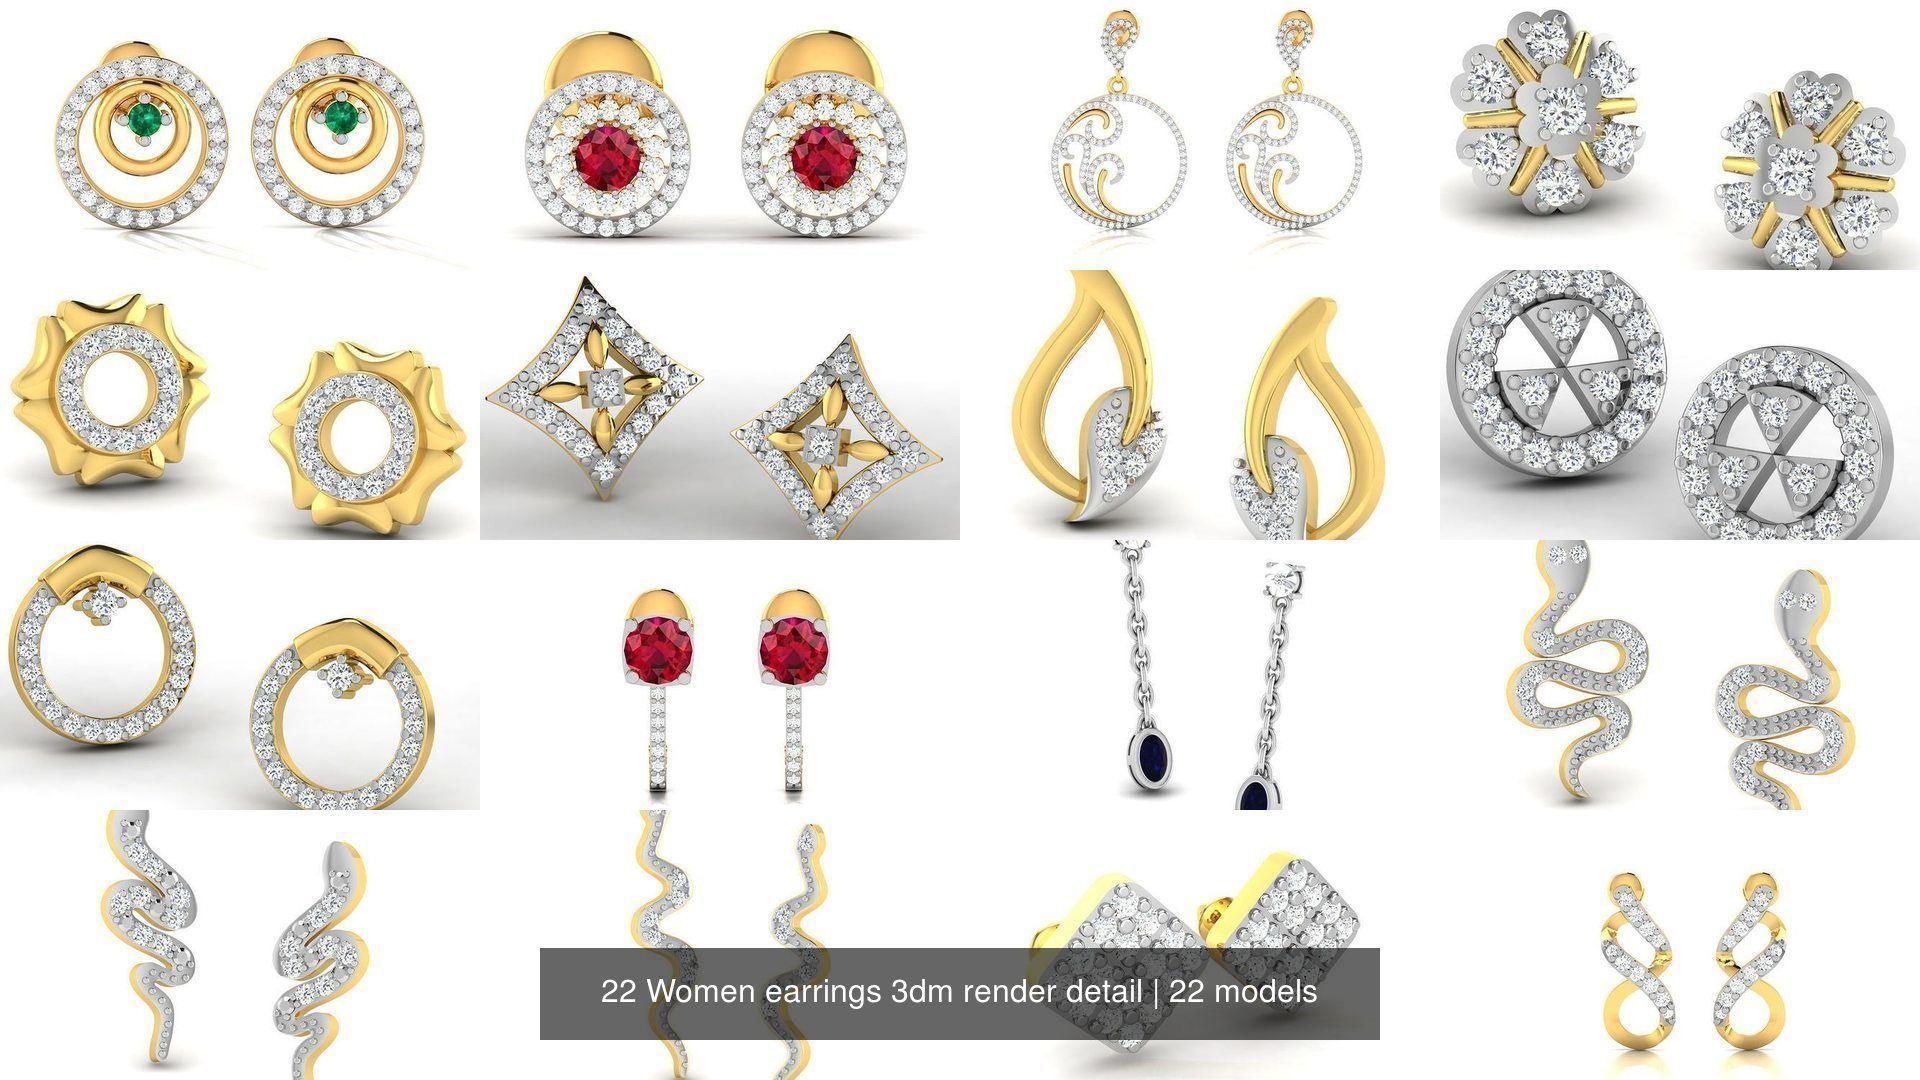 22 Women earrings 3dm render detail